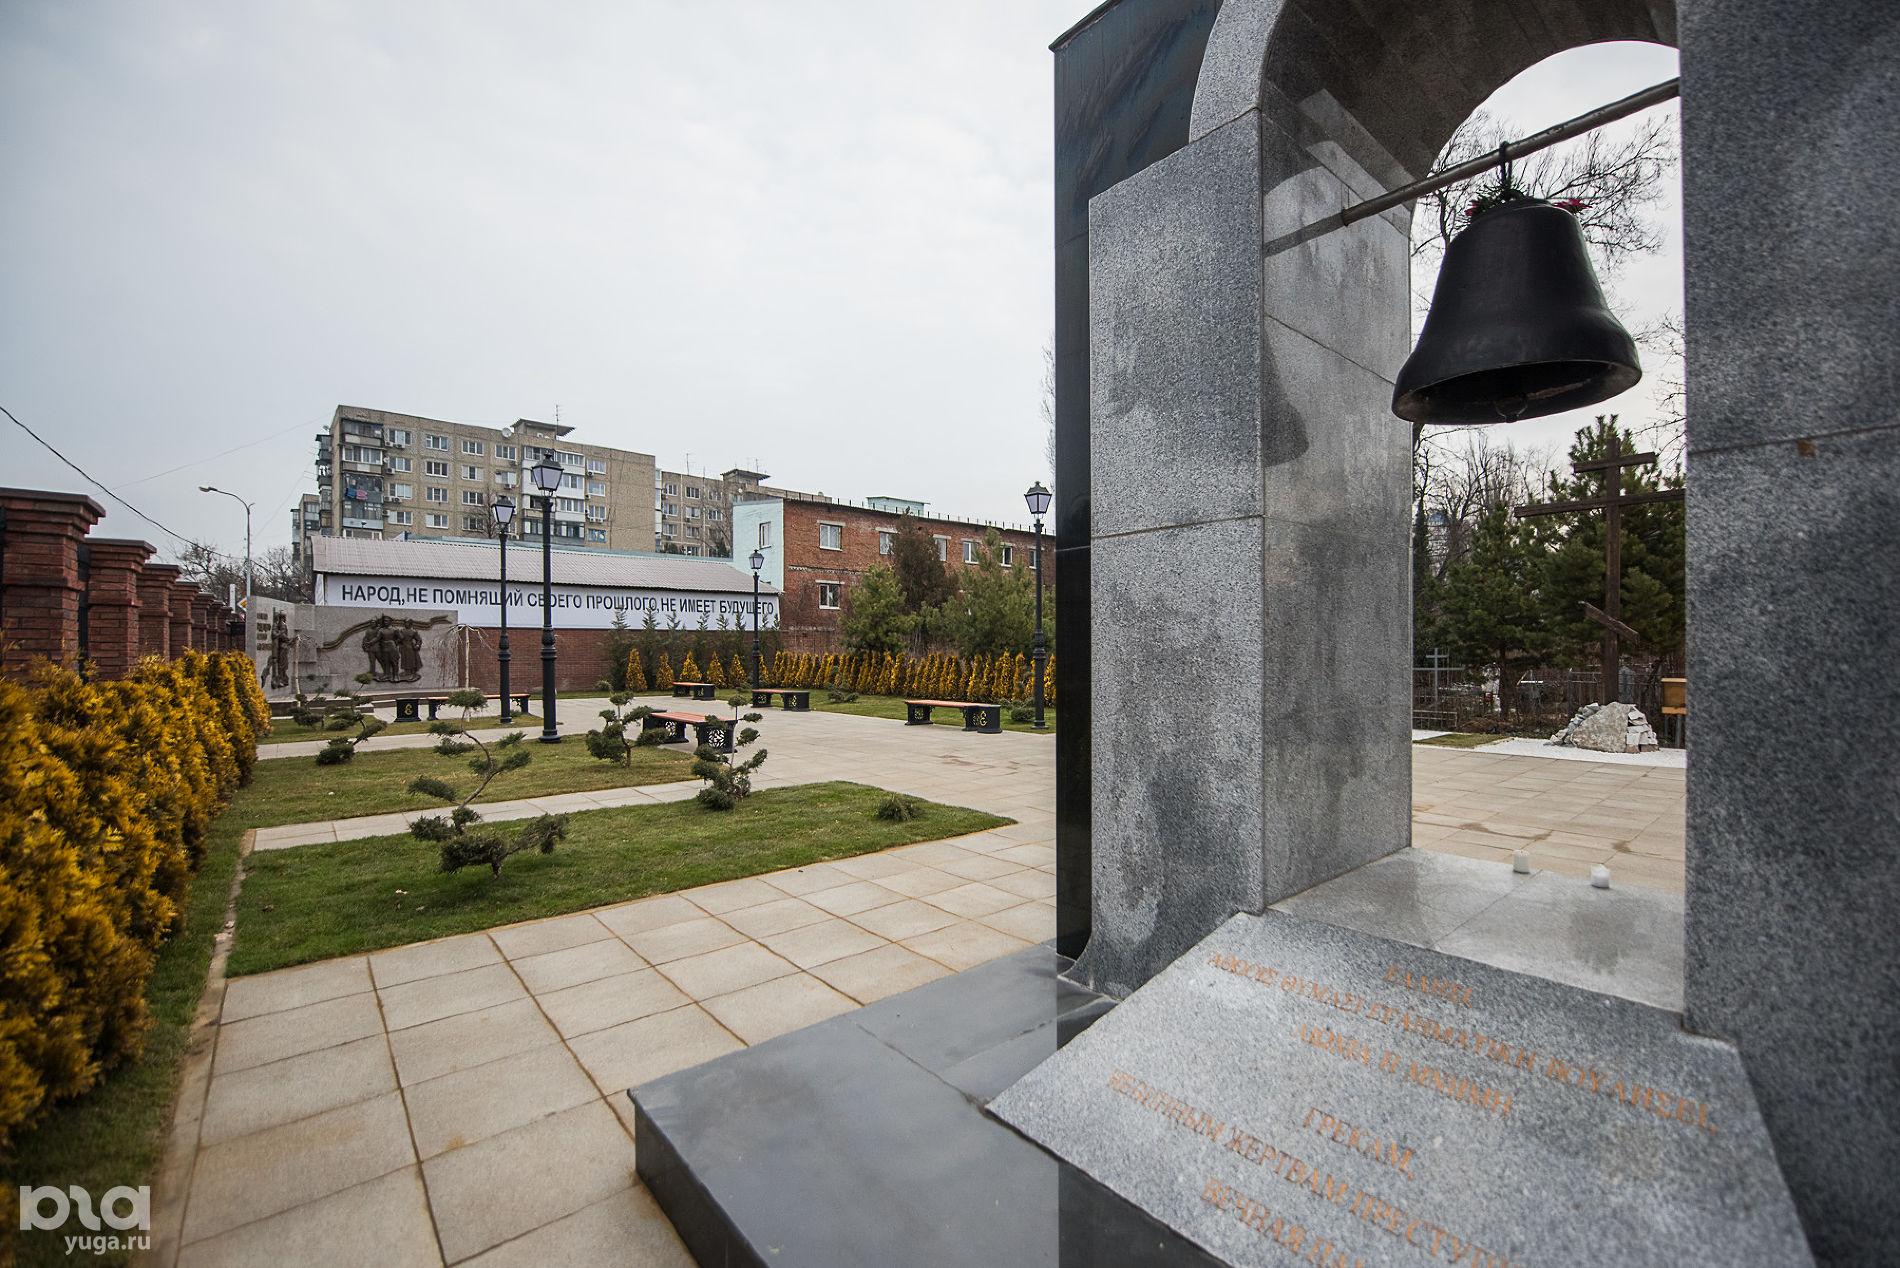 Памятник грекам – жертвам политических репрессий. Всесвятское кладбище ©Фото Елены Синеок, Юга.ру